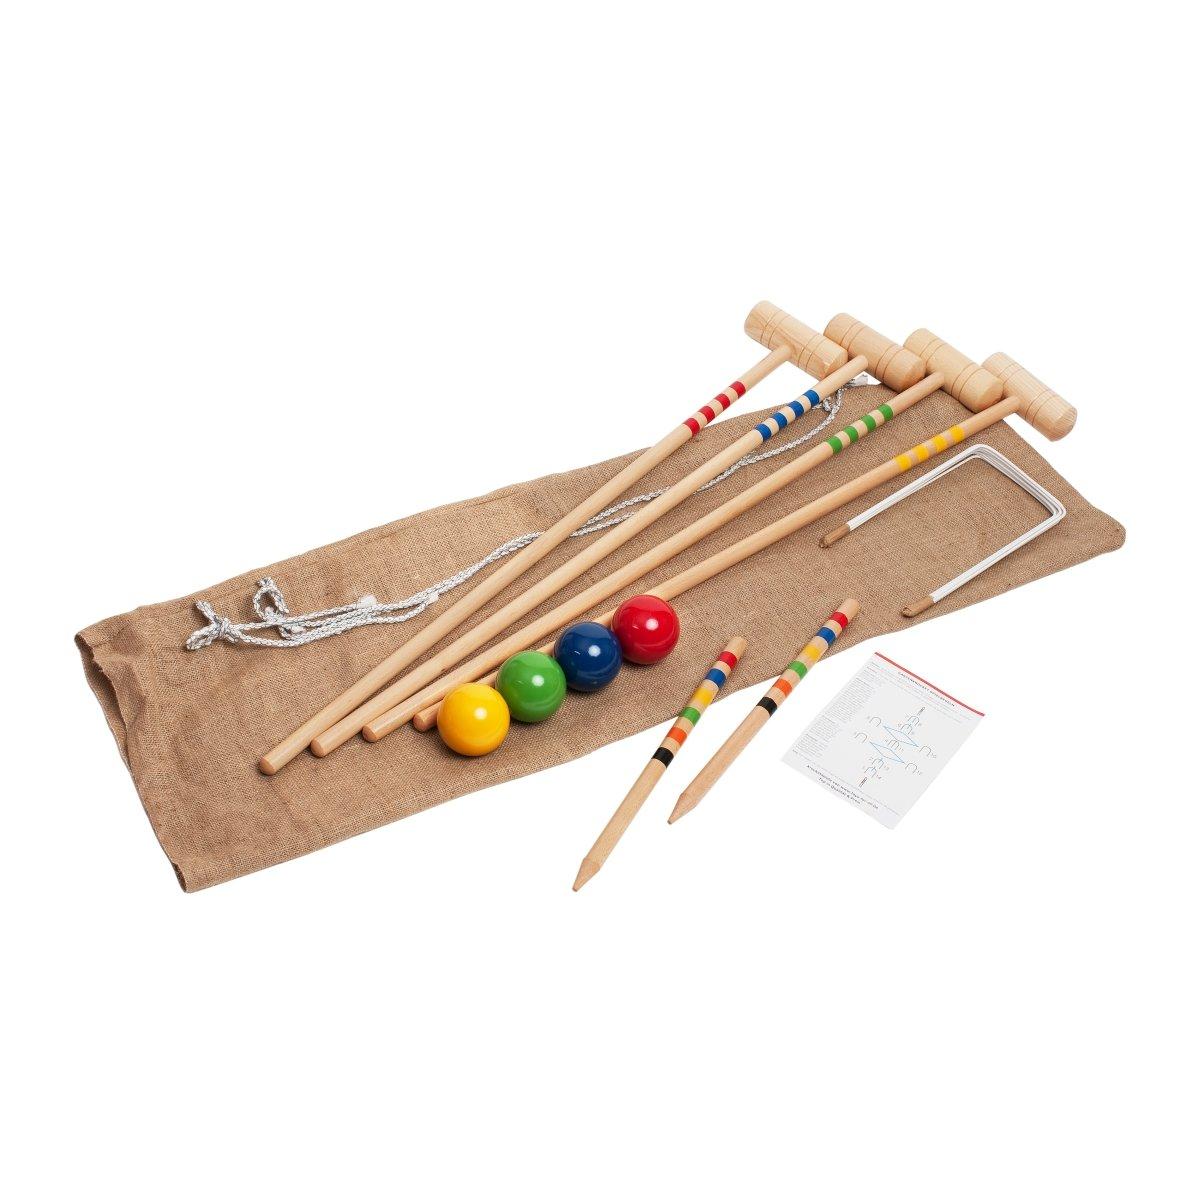 Krocket/Croquet für 4 Spieler (100cm -Erwachsenengröße) im Jutesack 3244